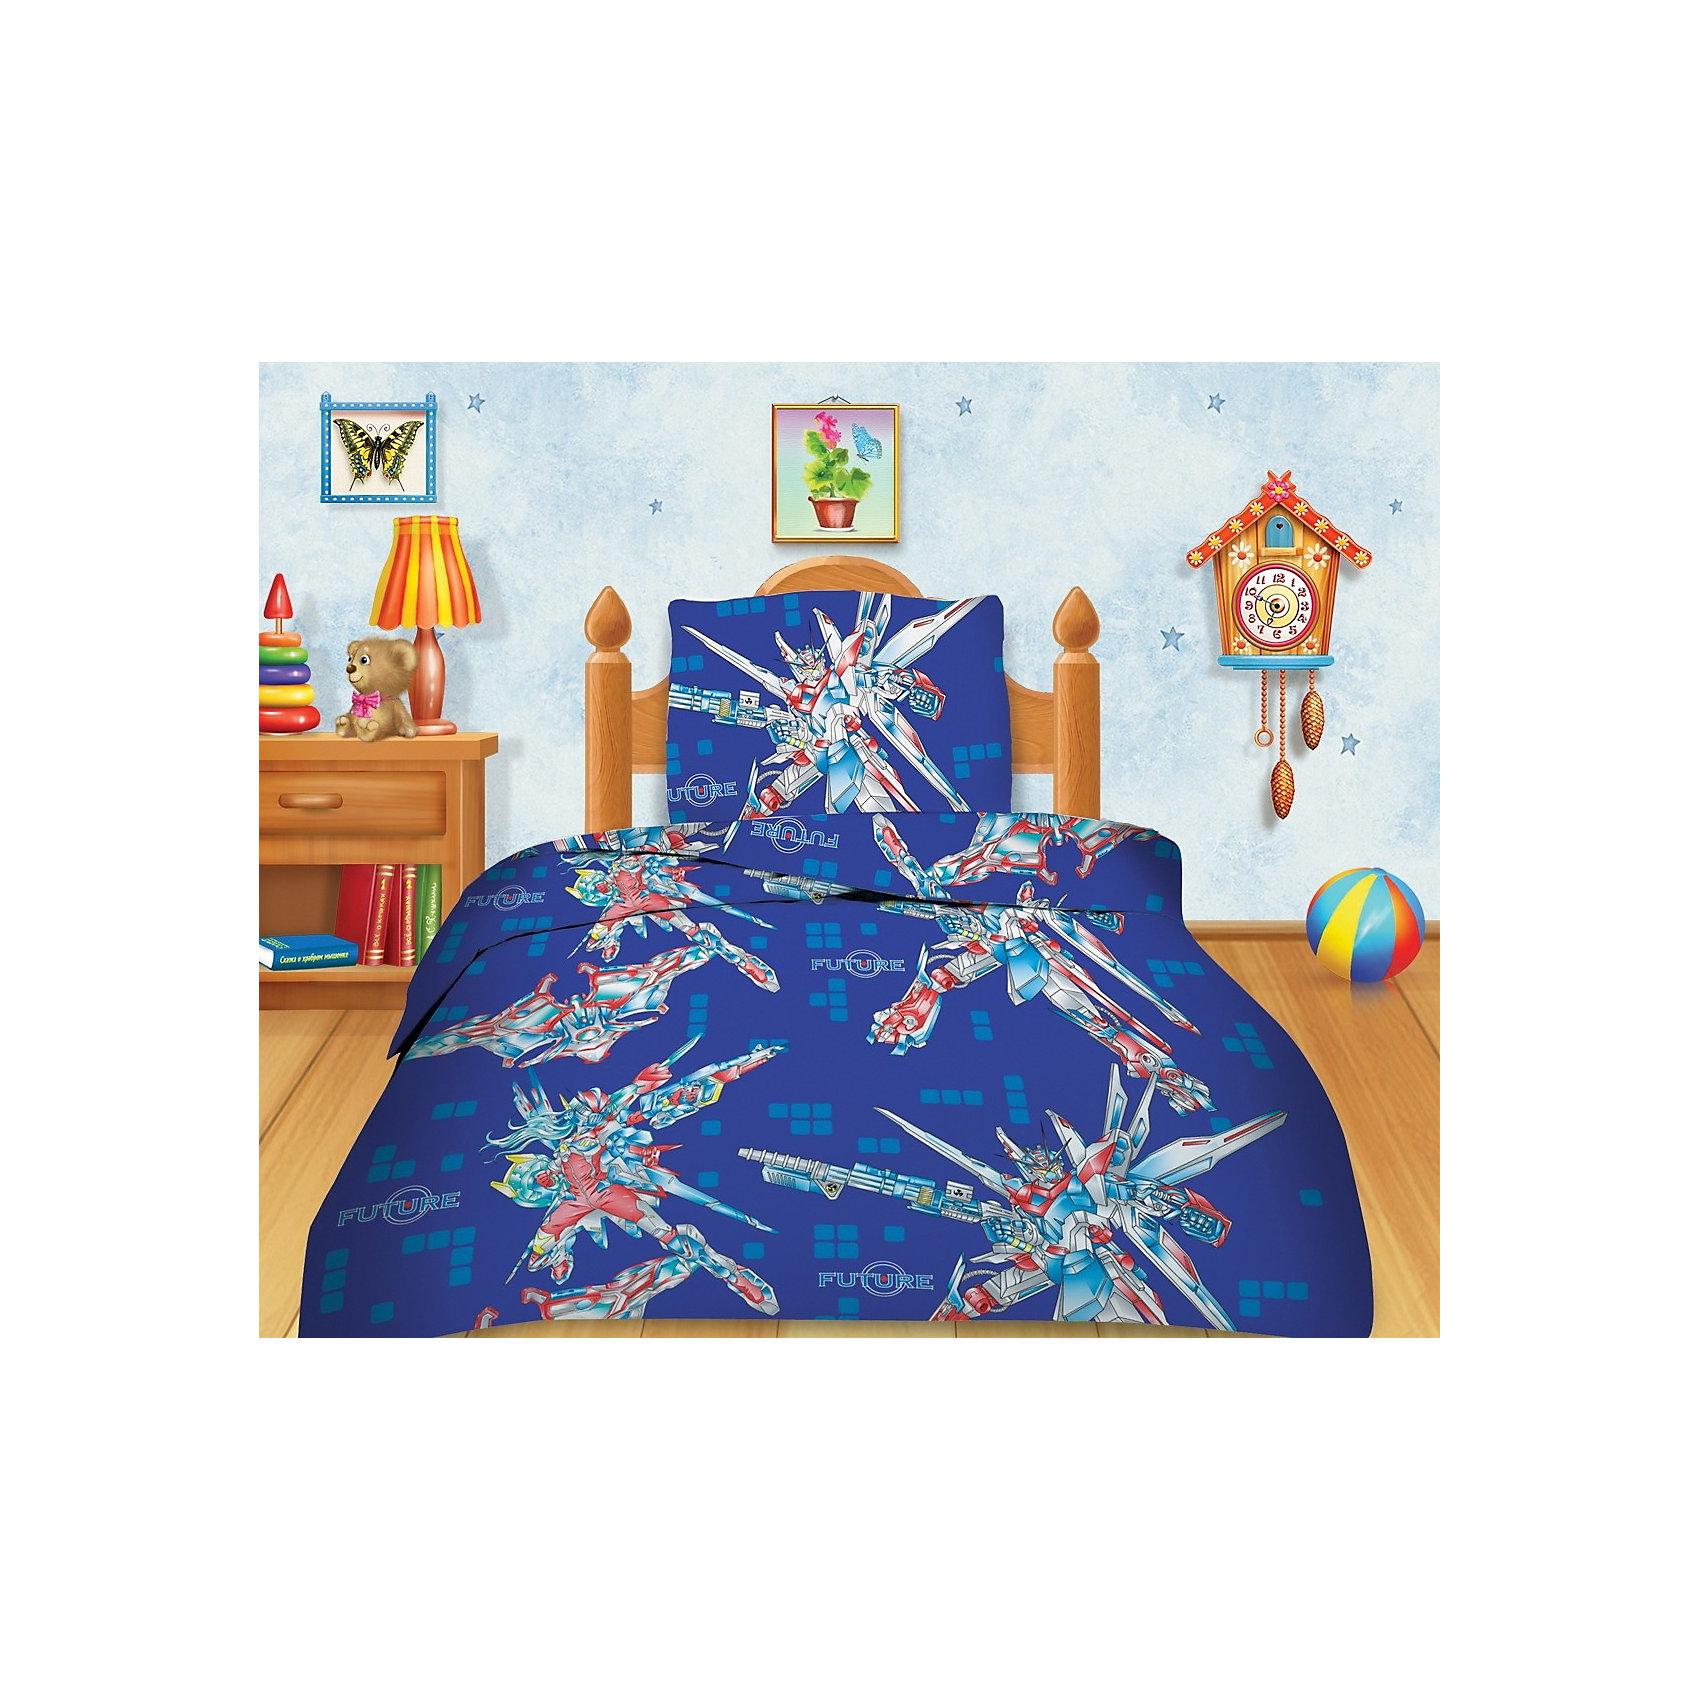 Комплект Трансформеры 1,5-спальный, Кошки-МышкиКомплект постельного белья Трансформеры 1,5 сп., Кошки-Мышки – качественное российское постельное белье для малышей. <br><br>Изготовленное из нежной бязи, оно мягкое на ощупь и гладкое. Используемые красители ткани разрешены к использованию на детском постельном белье, стойки к выцветанию и стирке. Рисунок этого постельного белья в виде трансформеров порадует любого мальчика. Он с удовольствием будет спать в такой кроватке, ведь сильные Трансформеры – герои мальчишеских фантазий.<br><br>Дополнительная информация:<br><br>-Материалы: бязь (100% хлопок)<br>-Размеры: <br>пододеяльник 143х215 см, <br>простыня 150х215 см, <br>наволочка 70х70 см.<br>-Комплектация: пододеяльник, простыня, наволочка (1 шт.)<br>-Серия: Transformers (Трансформеры)<br><br>Яркий постельный набор позволит вашему ребенку почувствовать себя волшебно в своем маленьком уютном мире. Его ждут самые яркие сказочные сны!<br><br>Комплект постельного белья Трансформеры 1,5 сп., Кошки-Мышки можно купить в нашем магазине.<br><br>Ширина мм: 360<br>Глубина мм: 280<br>Высота мм: 60<br>Вес г: 1400<br>Возраст от месяцев: 36<br>Возраст до месяцев: 144<br>Пол: Мужской<br>Возраст: Детский<br>SKU: 3615501